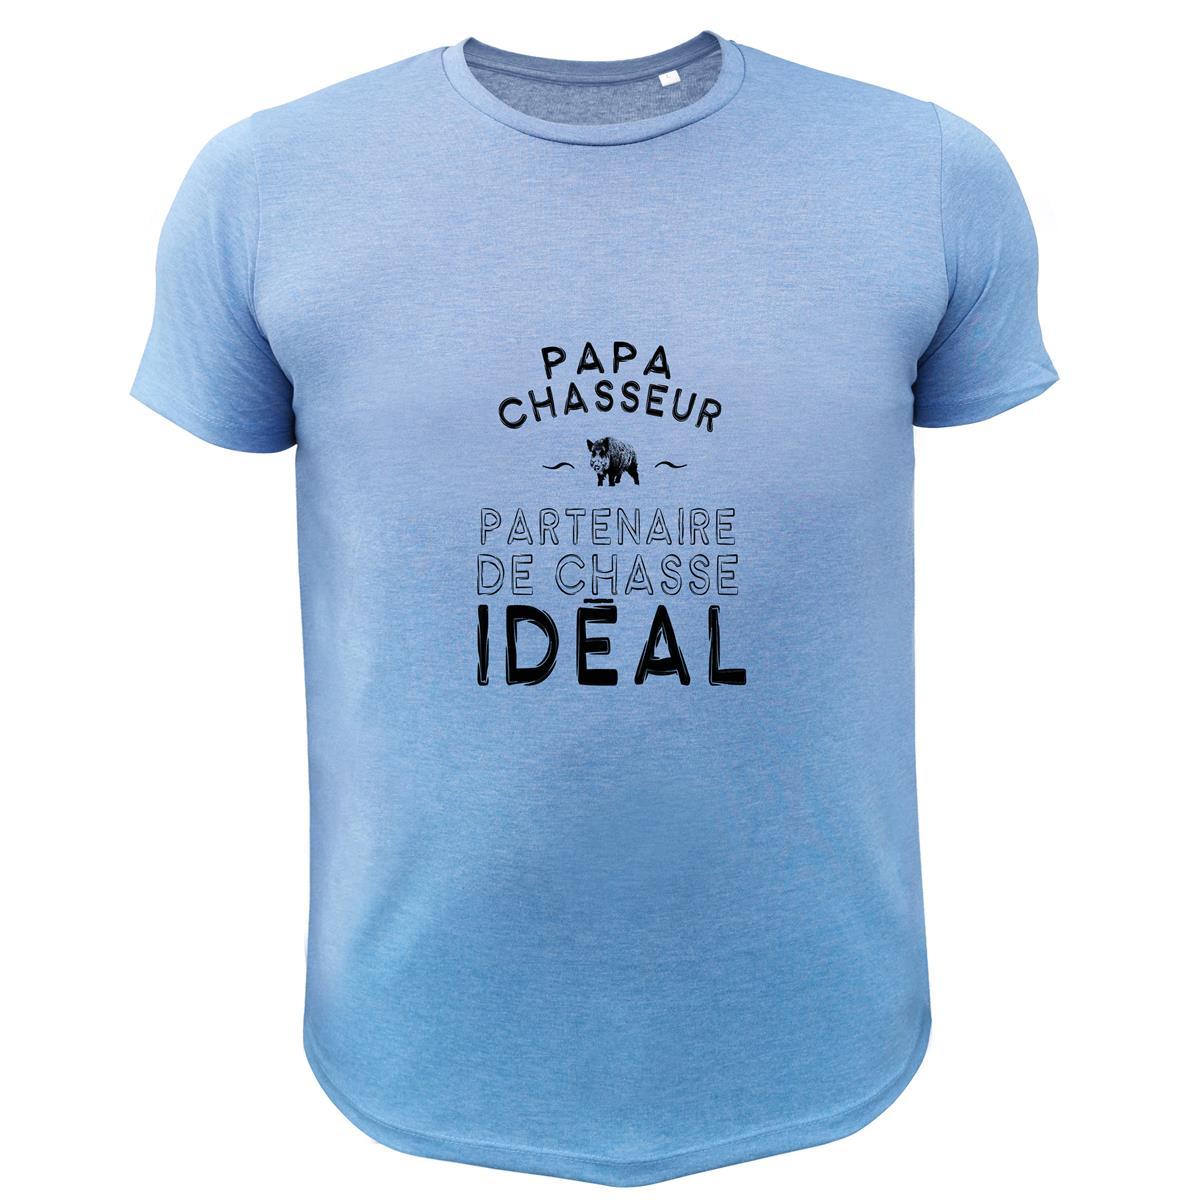 Tee Shirt De Chasse Papa Chasseur Partenaire De Chasse Ideal Veste Gilet Teeshirt Et Cadeau De Chasse Traqueur